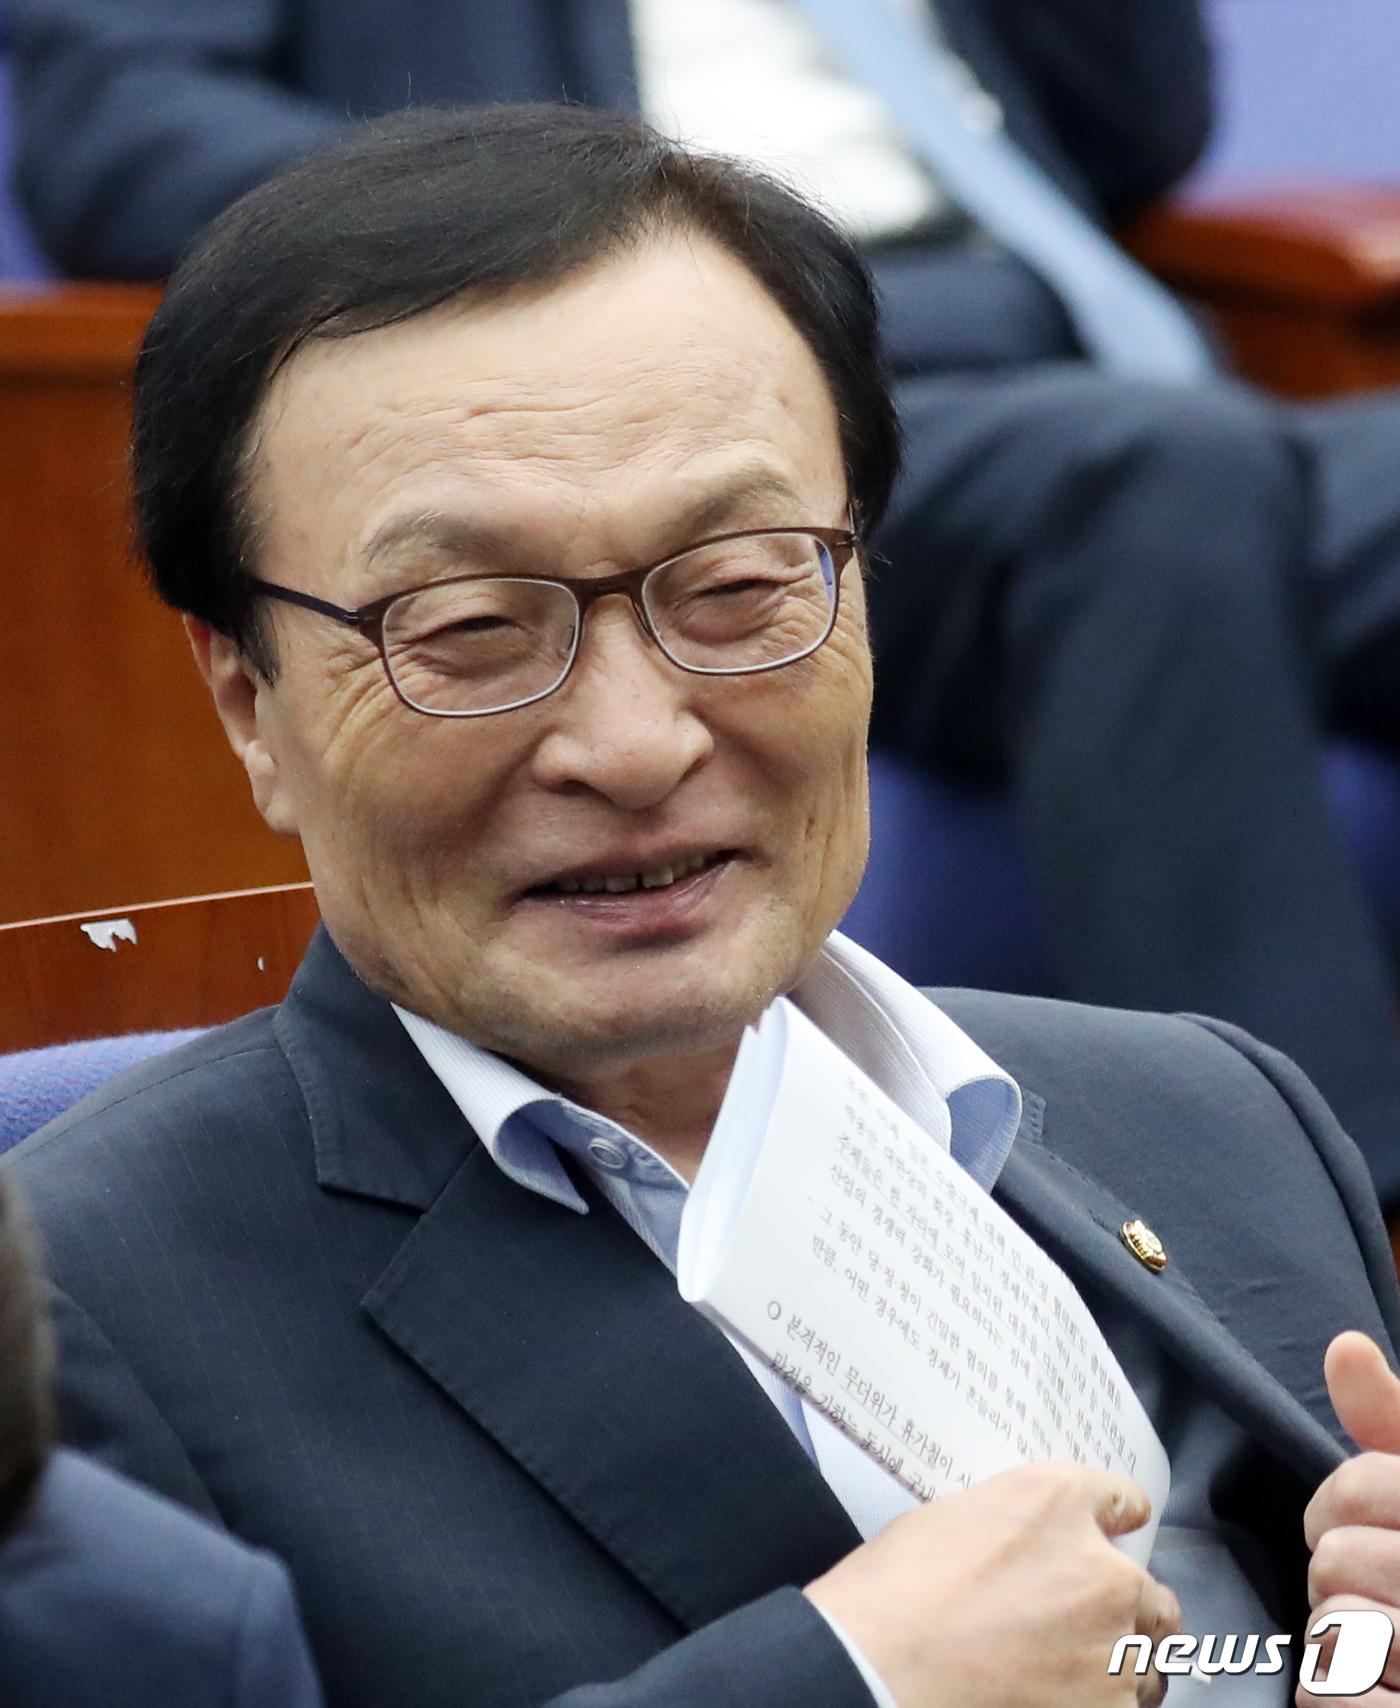 韩执政党党首被曝上午批日本 中午去日餐厅喝清酒|白名单|民主党